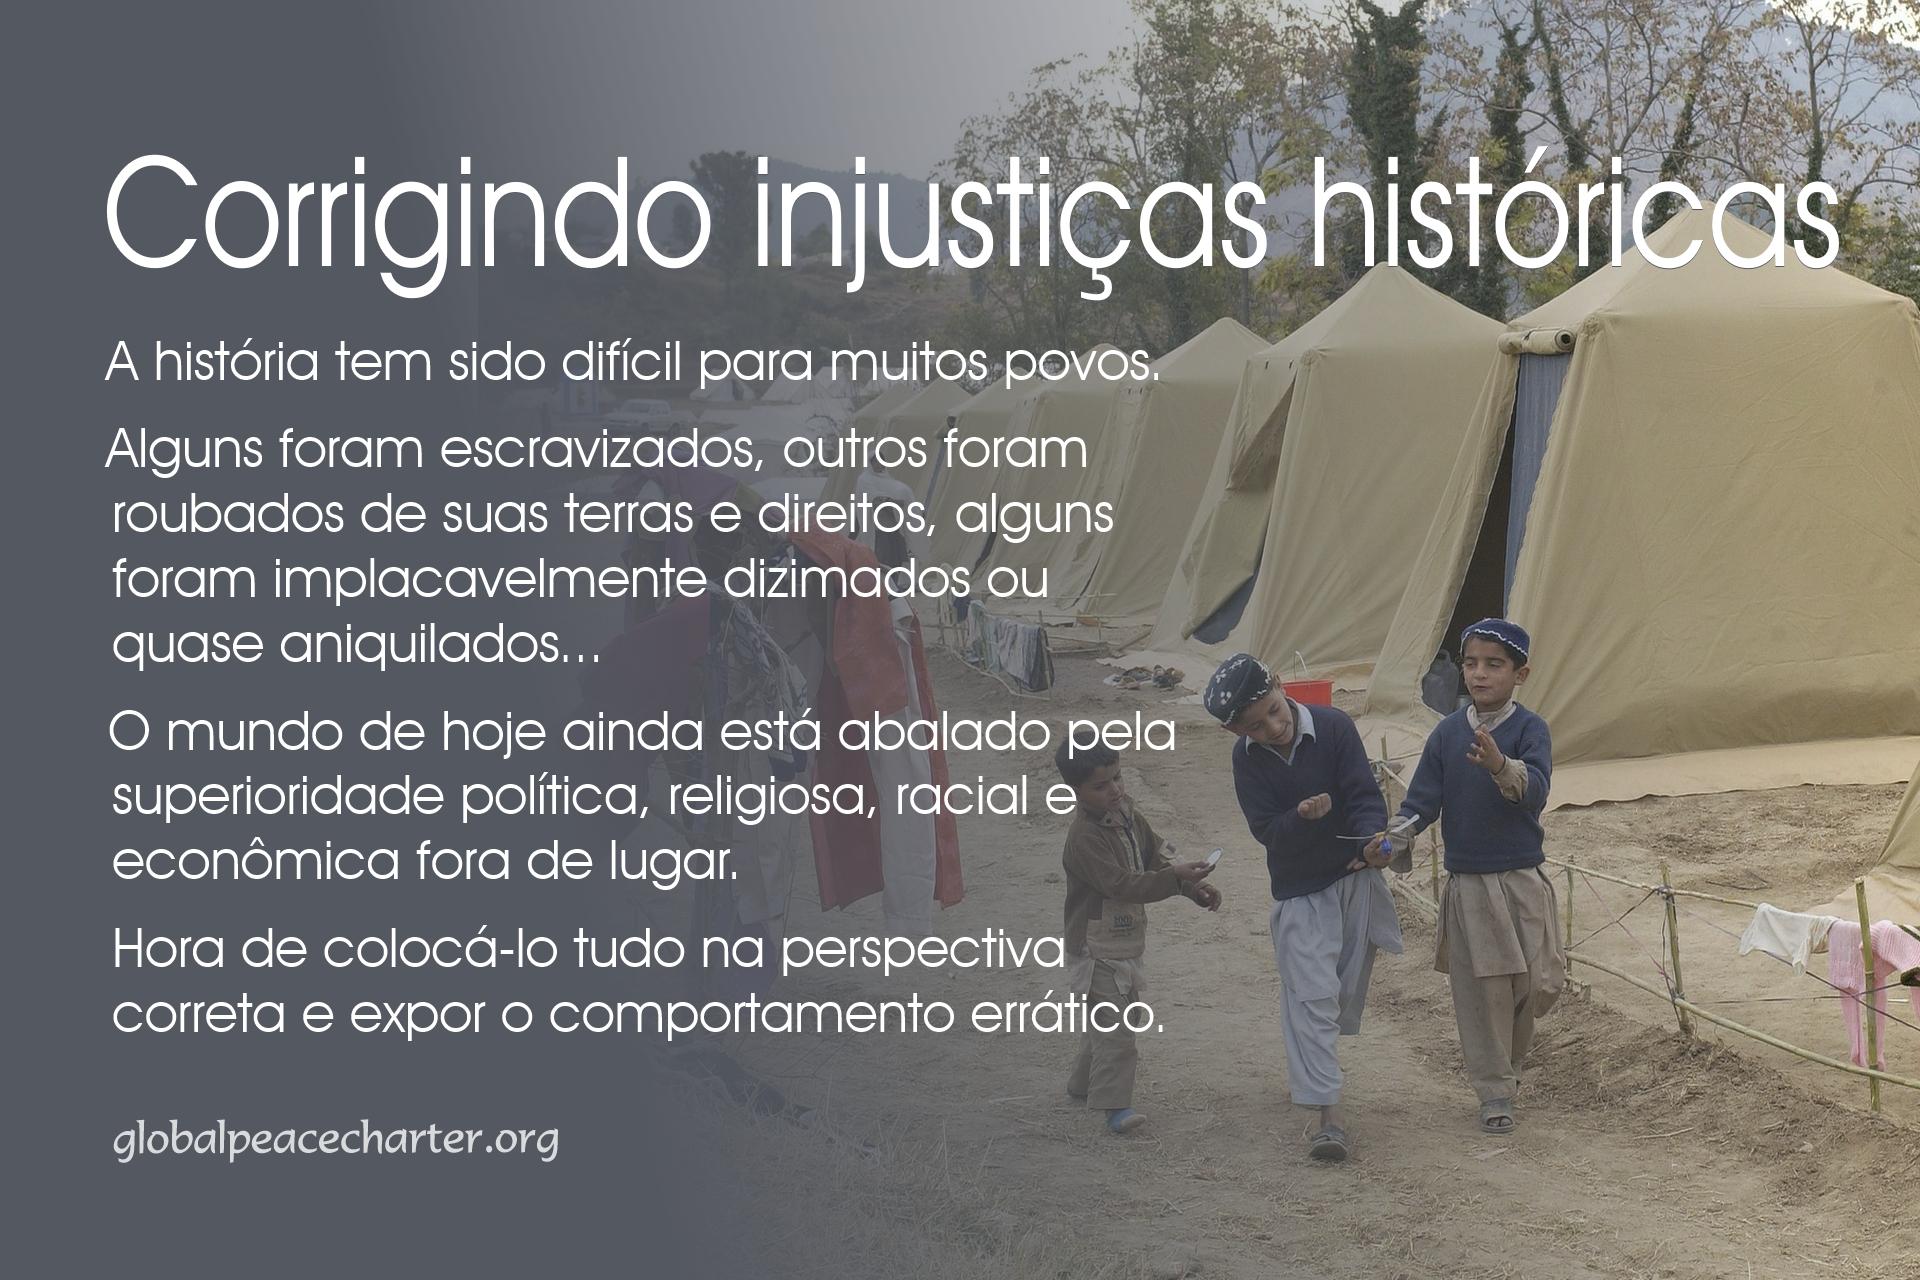 Corrigindo injustiças históricas